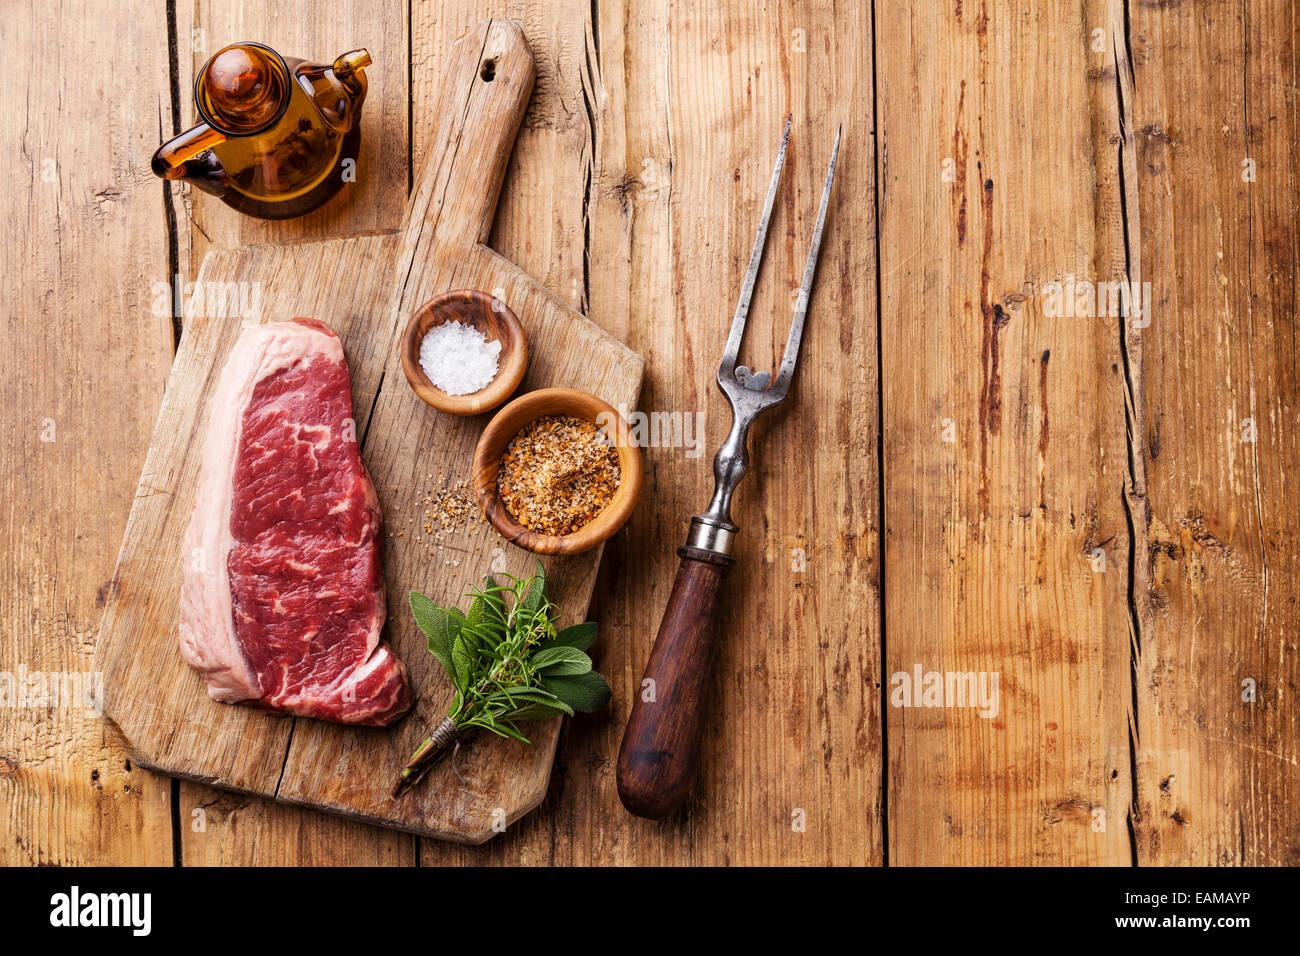 Matières de la viande fraîche de boeuf premium d'Amérique du Sud New York steak Faux-filet sur Photo Stock